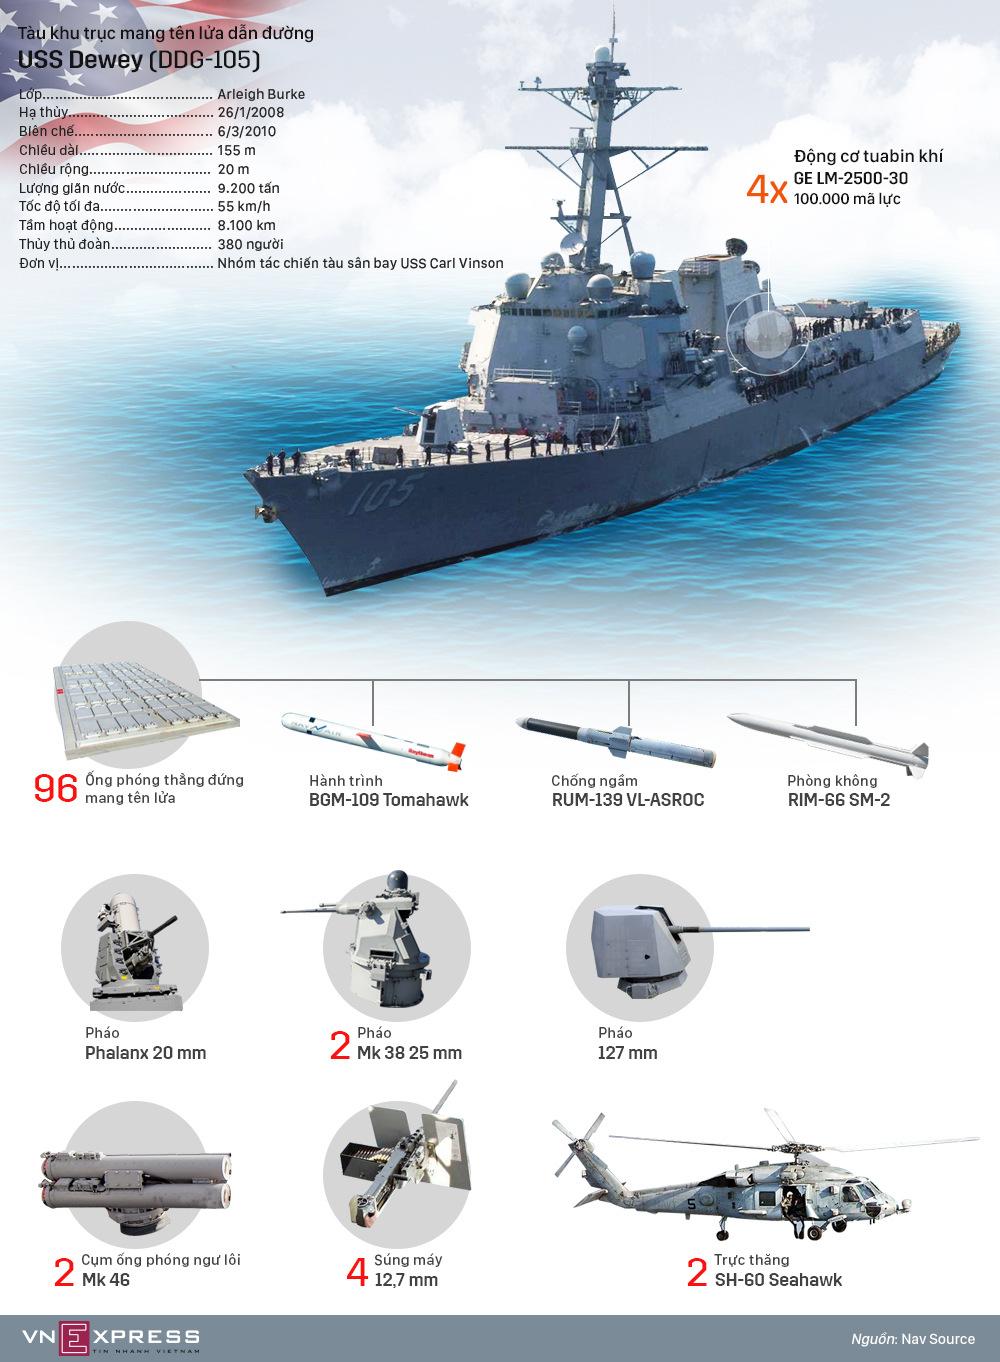 Tàu chiến Mỹ vừa tuần tra tự do hàng hải ở Biển Đông